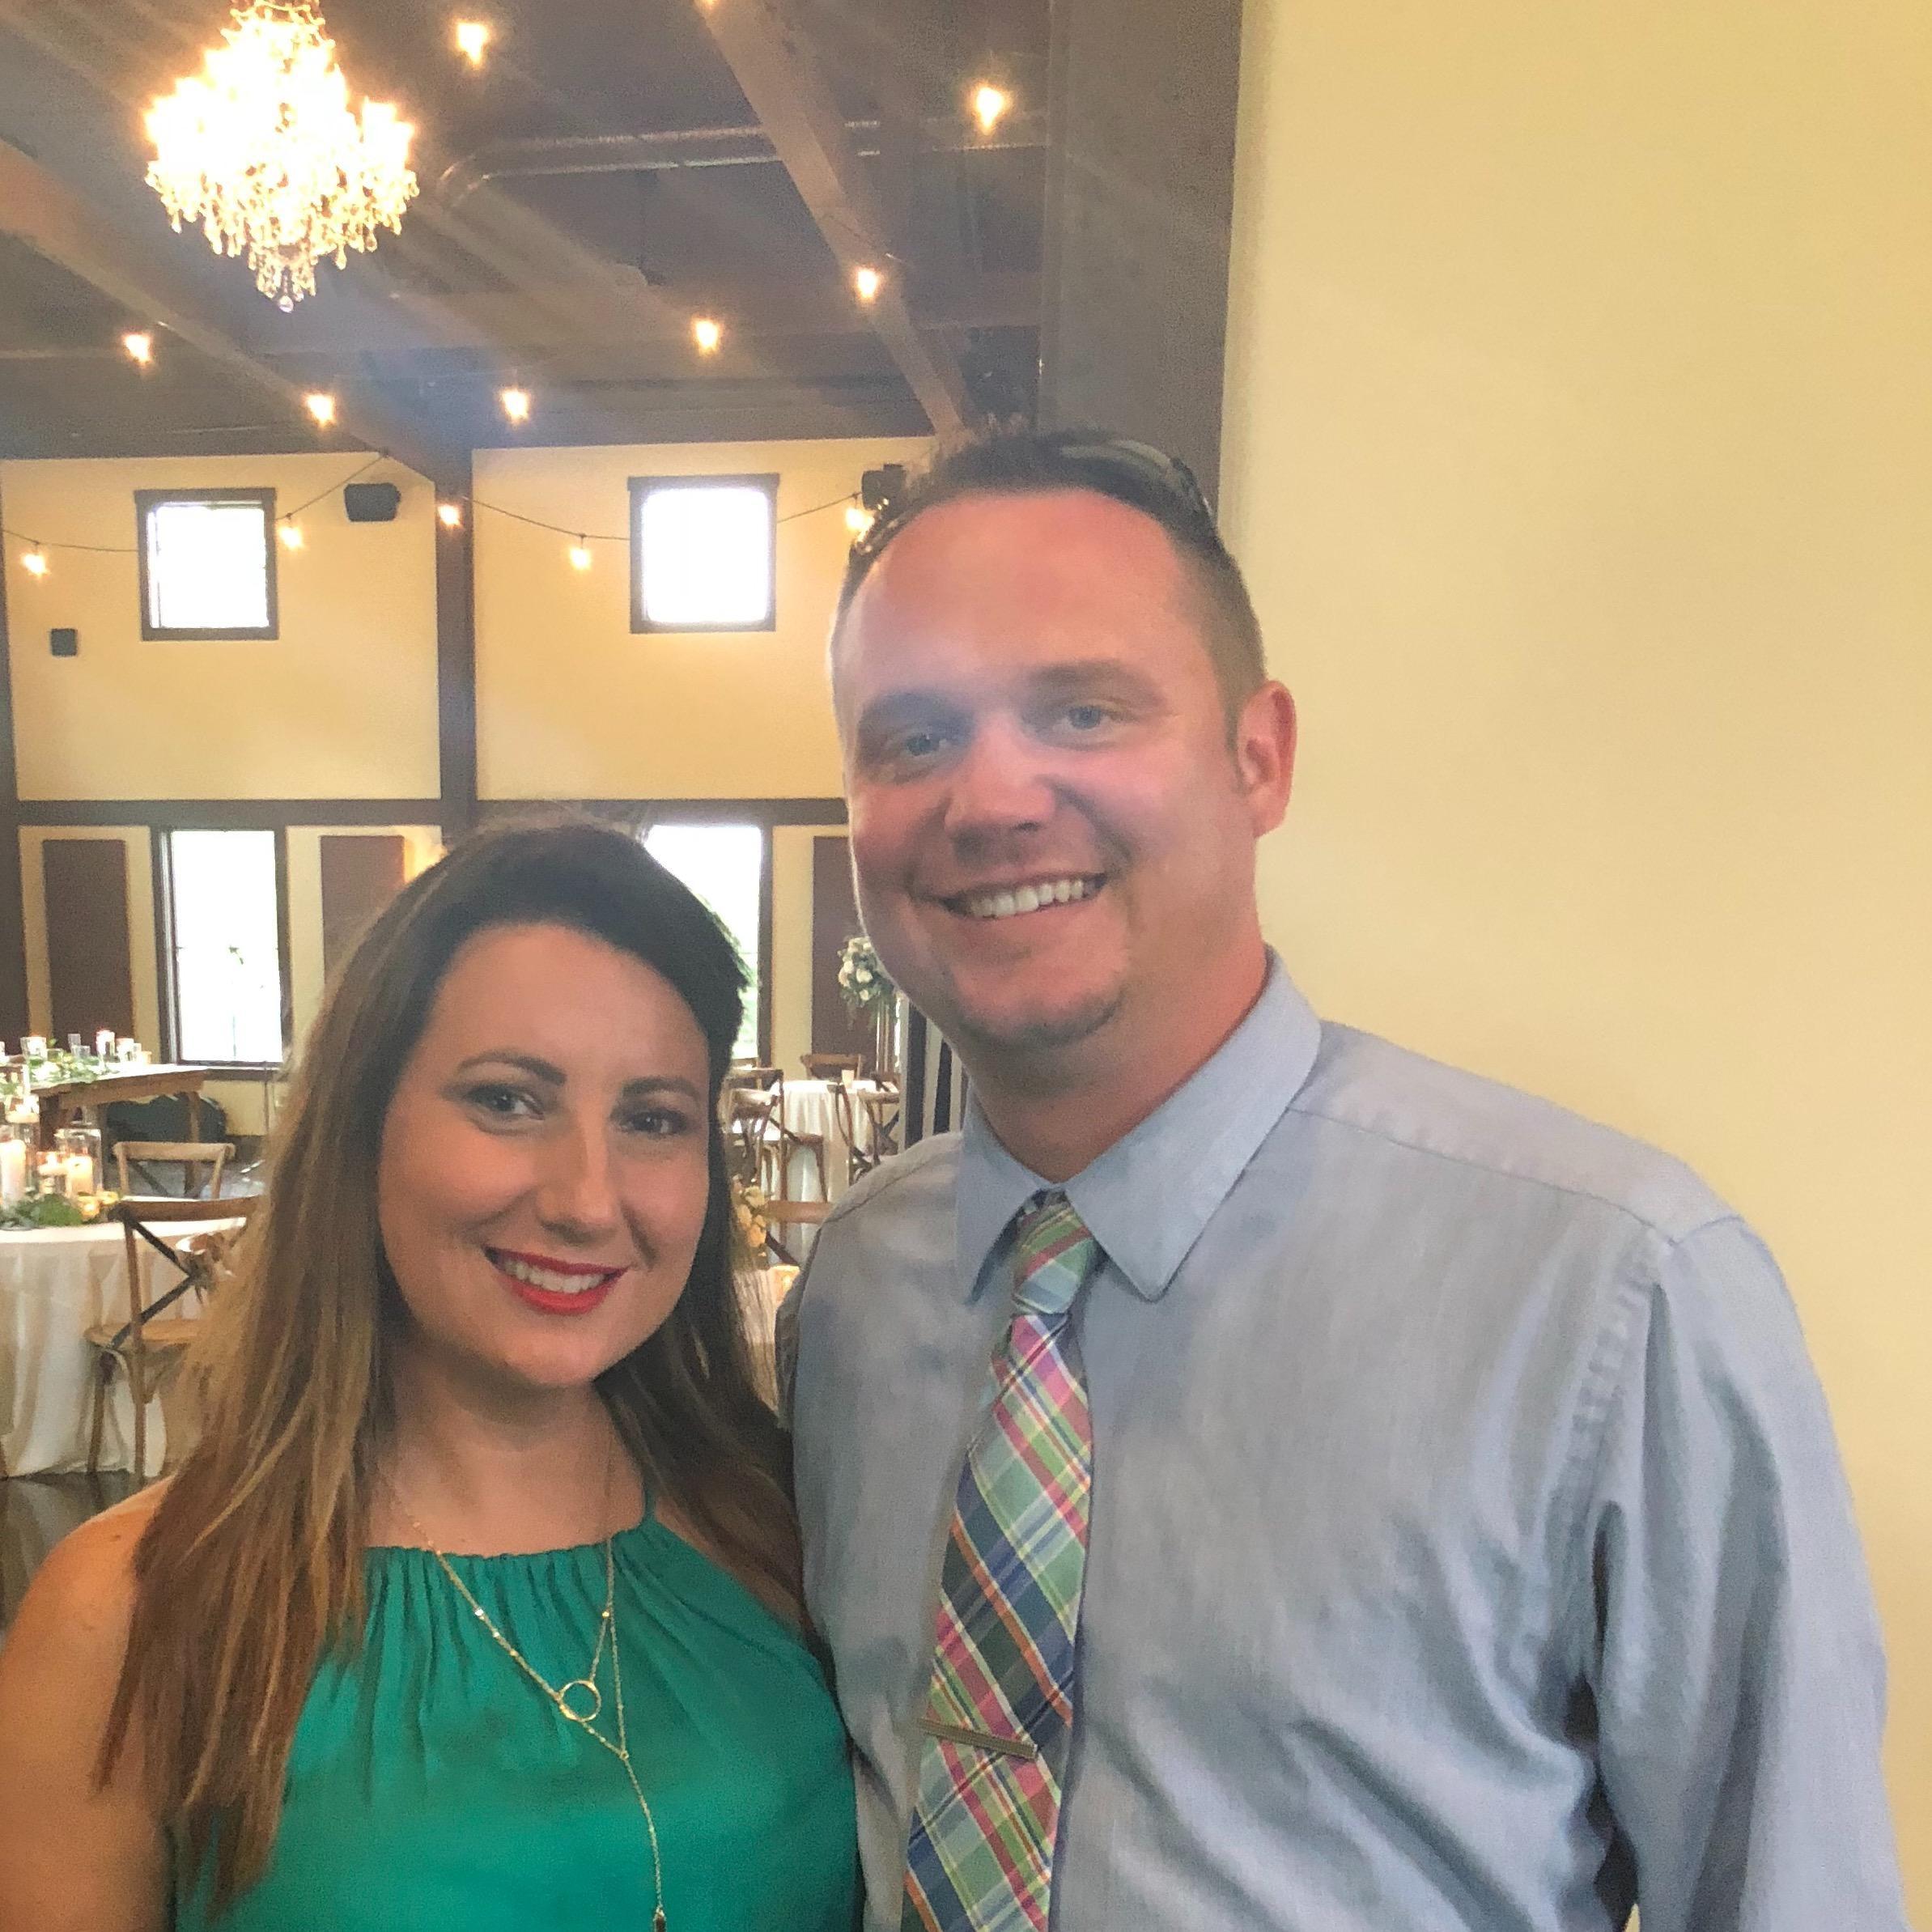 Jason & Danielle S.